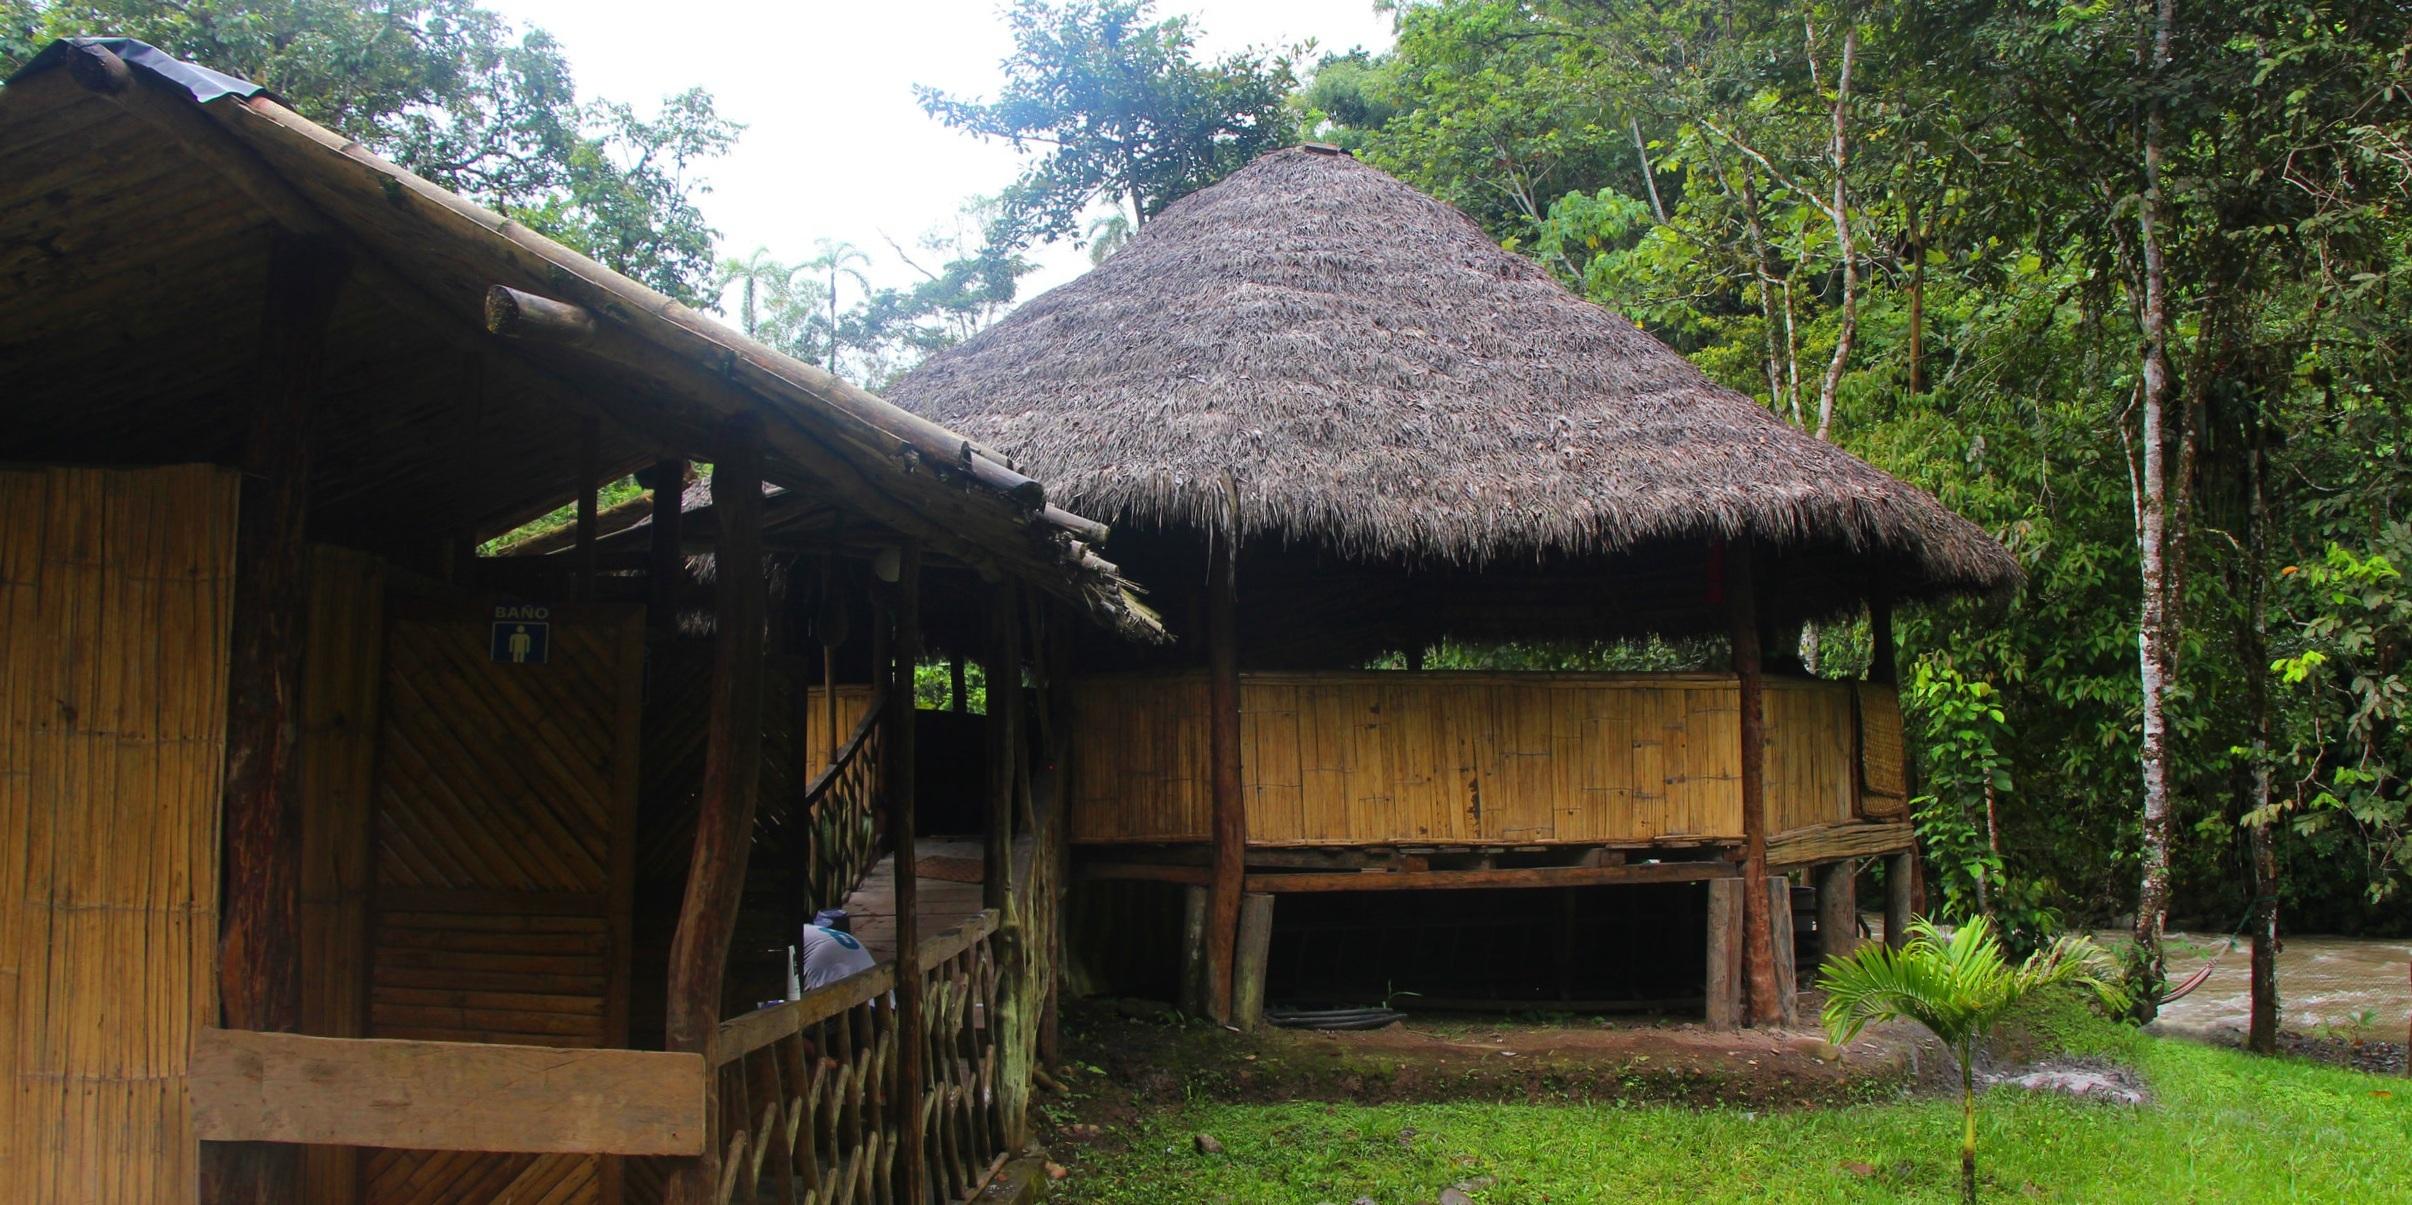 Contact Ayahuasca in ecuador - Spiritual Fulfilment